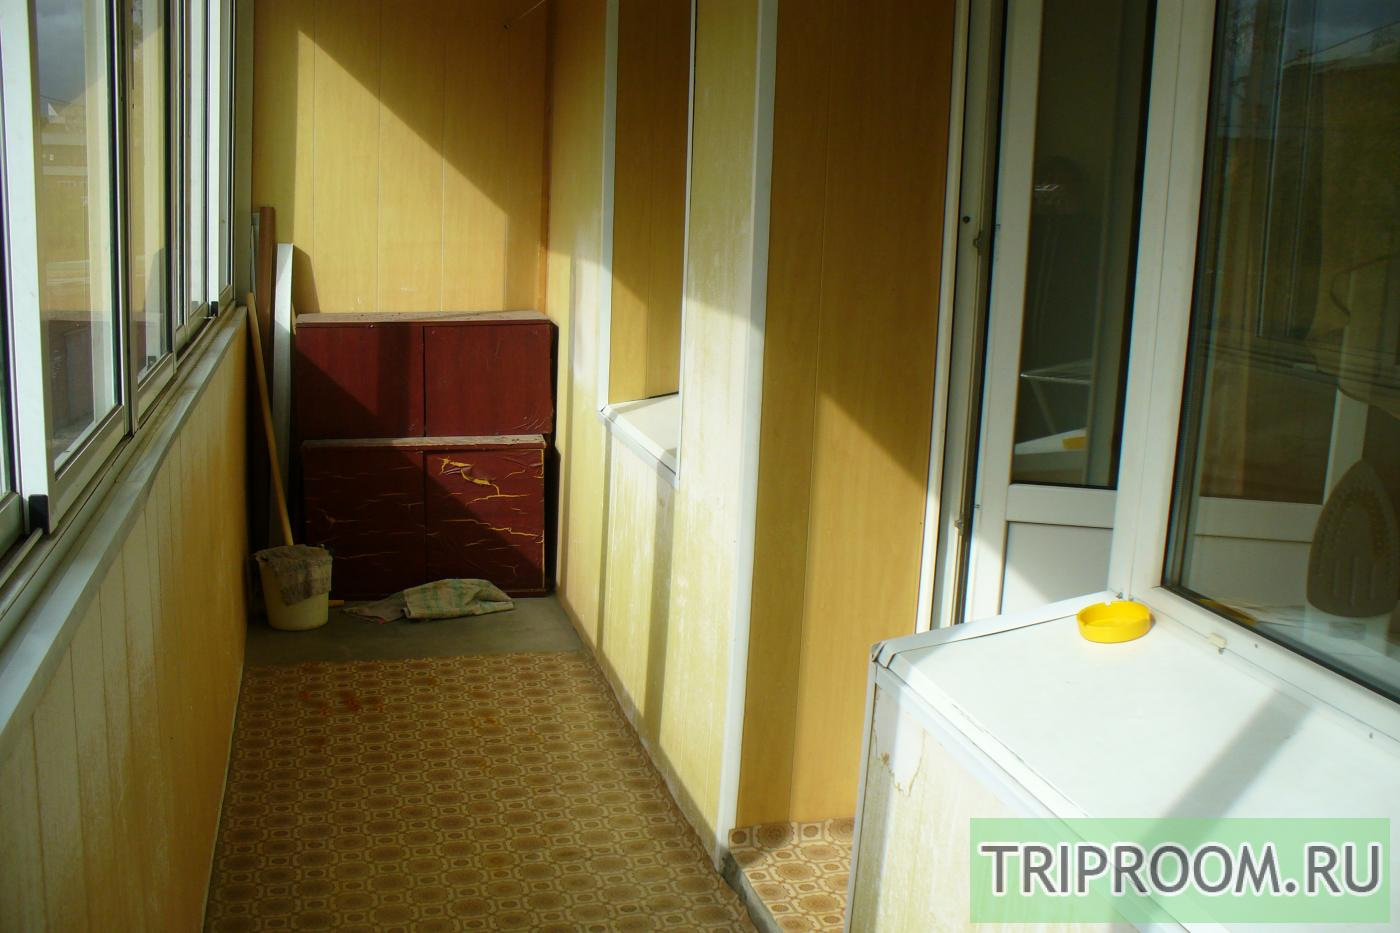 1-комнатная квартира посуточно (вариант № 15396), ул. Елизаровых улица, фото № 9